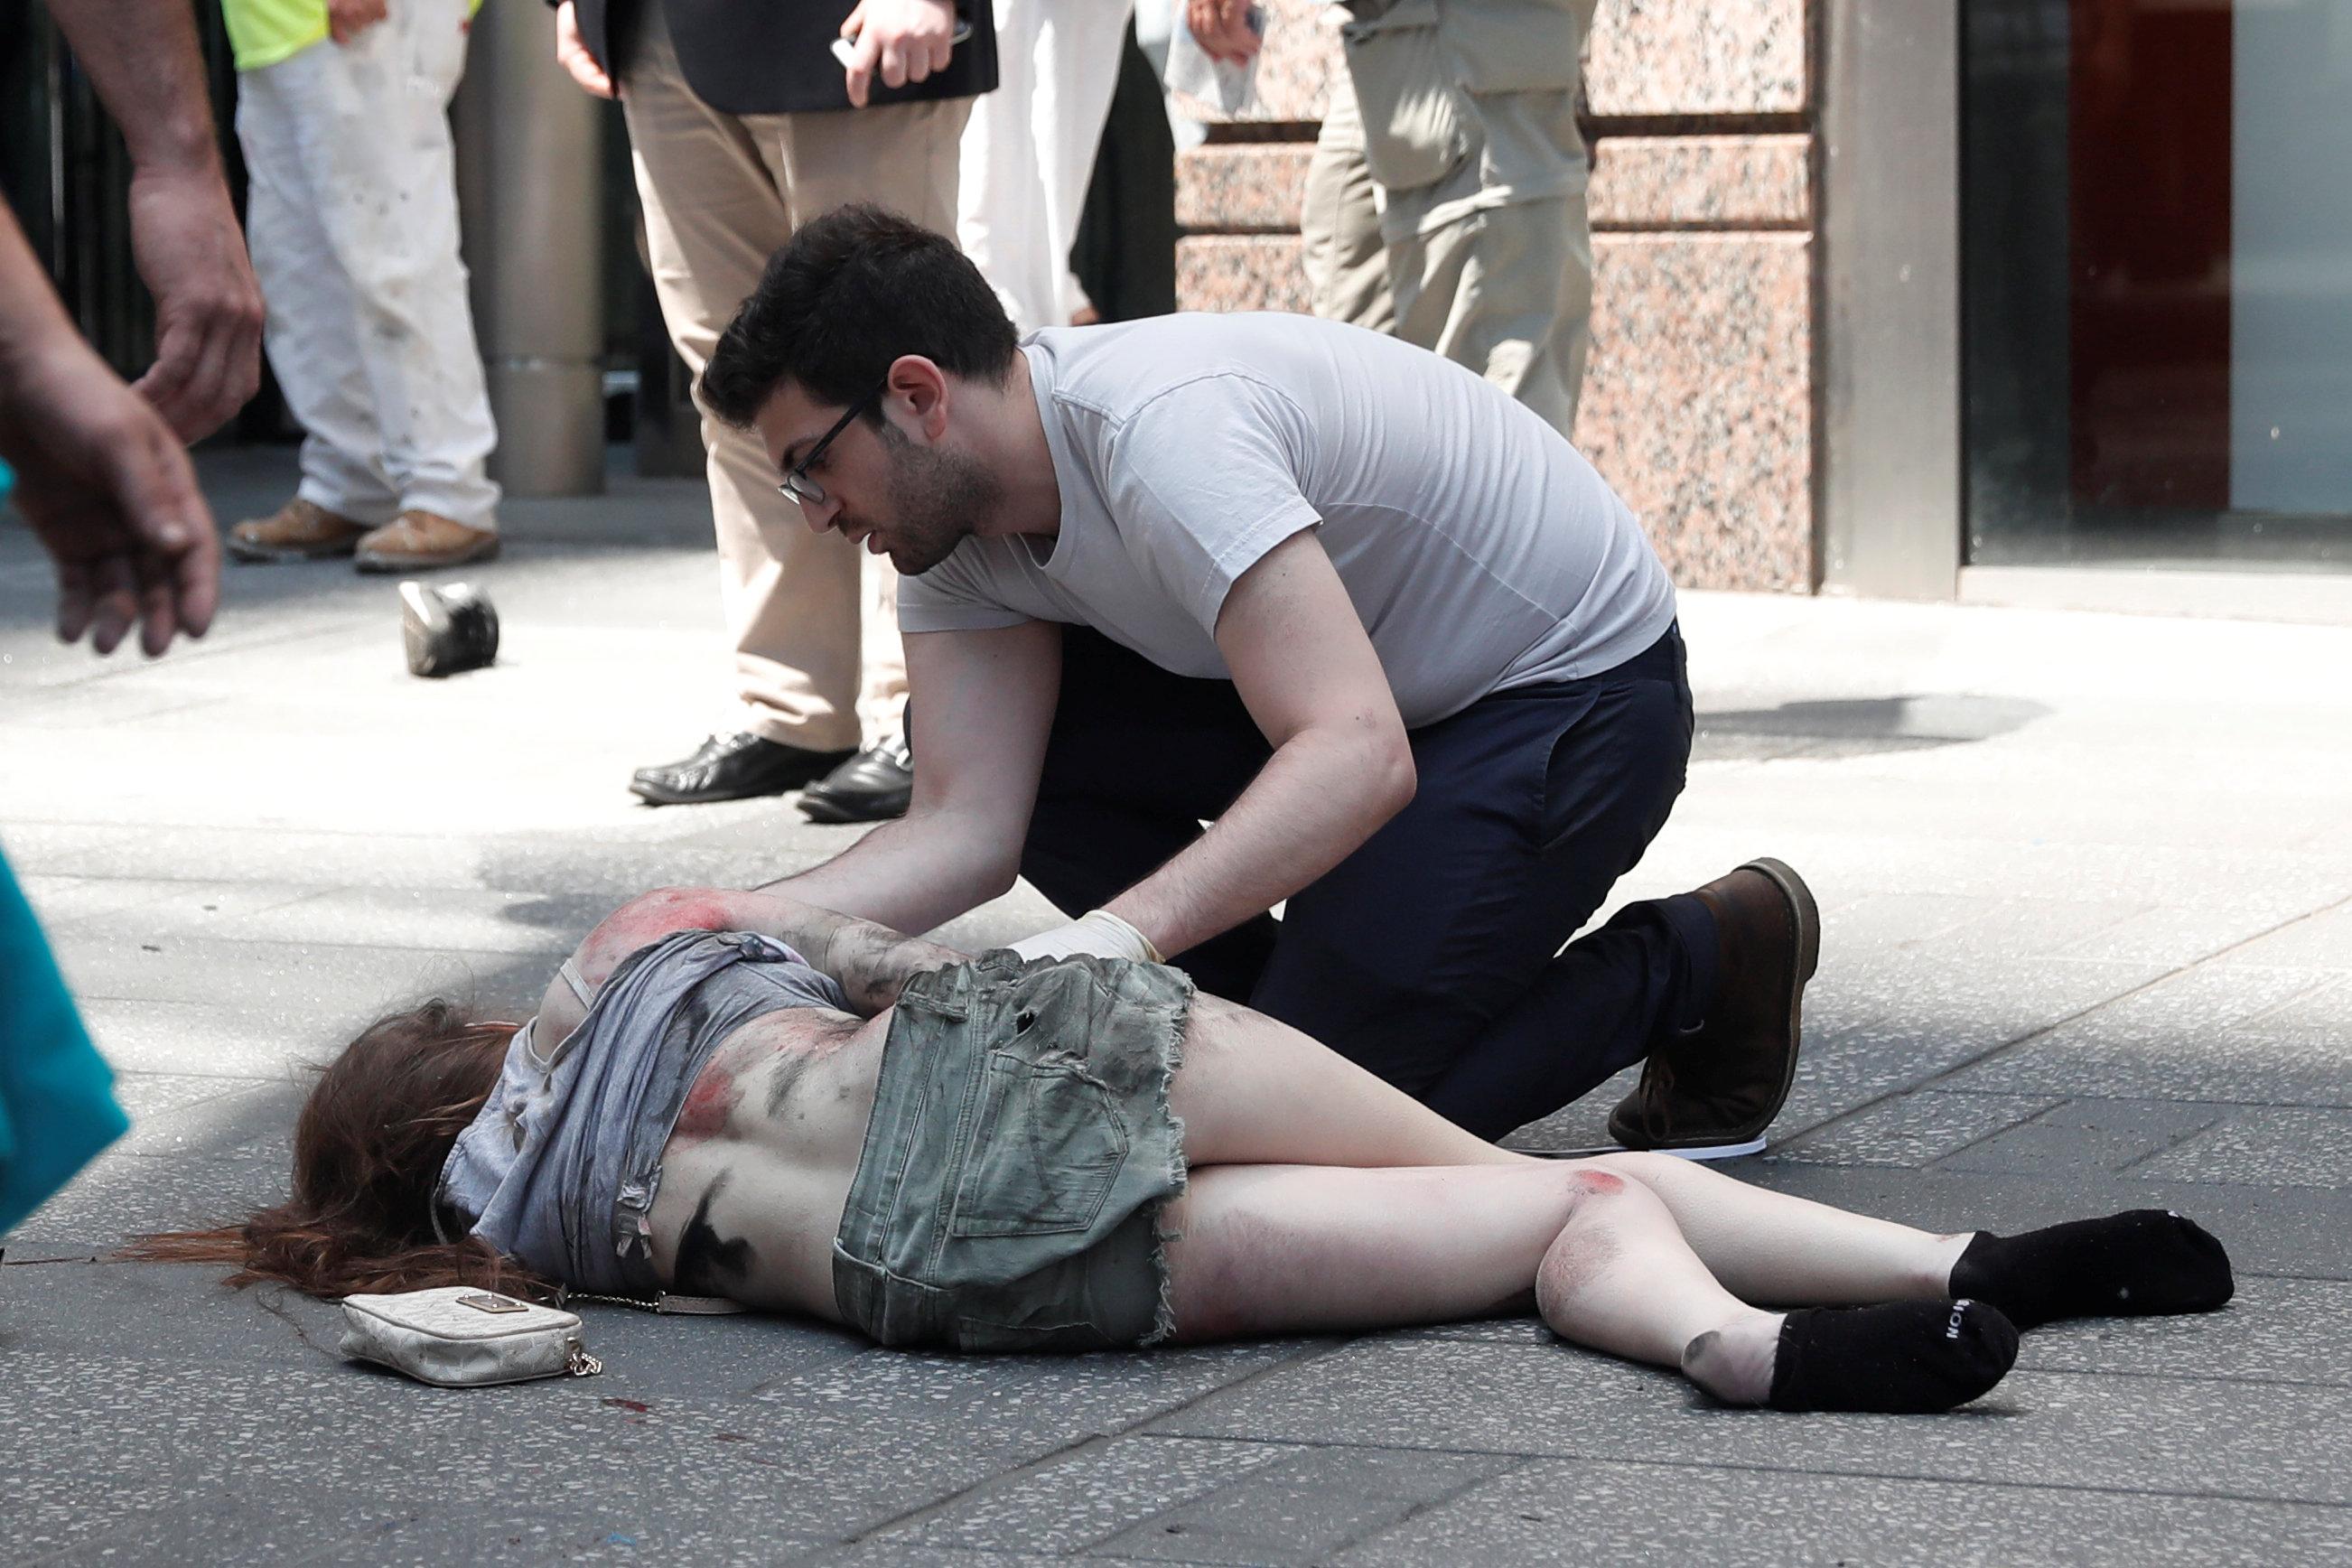 اسعاف أحدى المصابات فى حادث دهس نيويورك